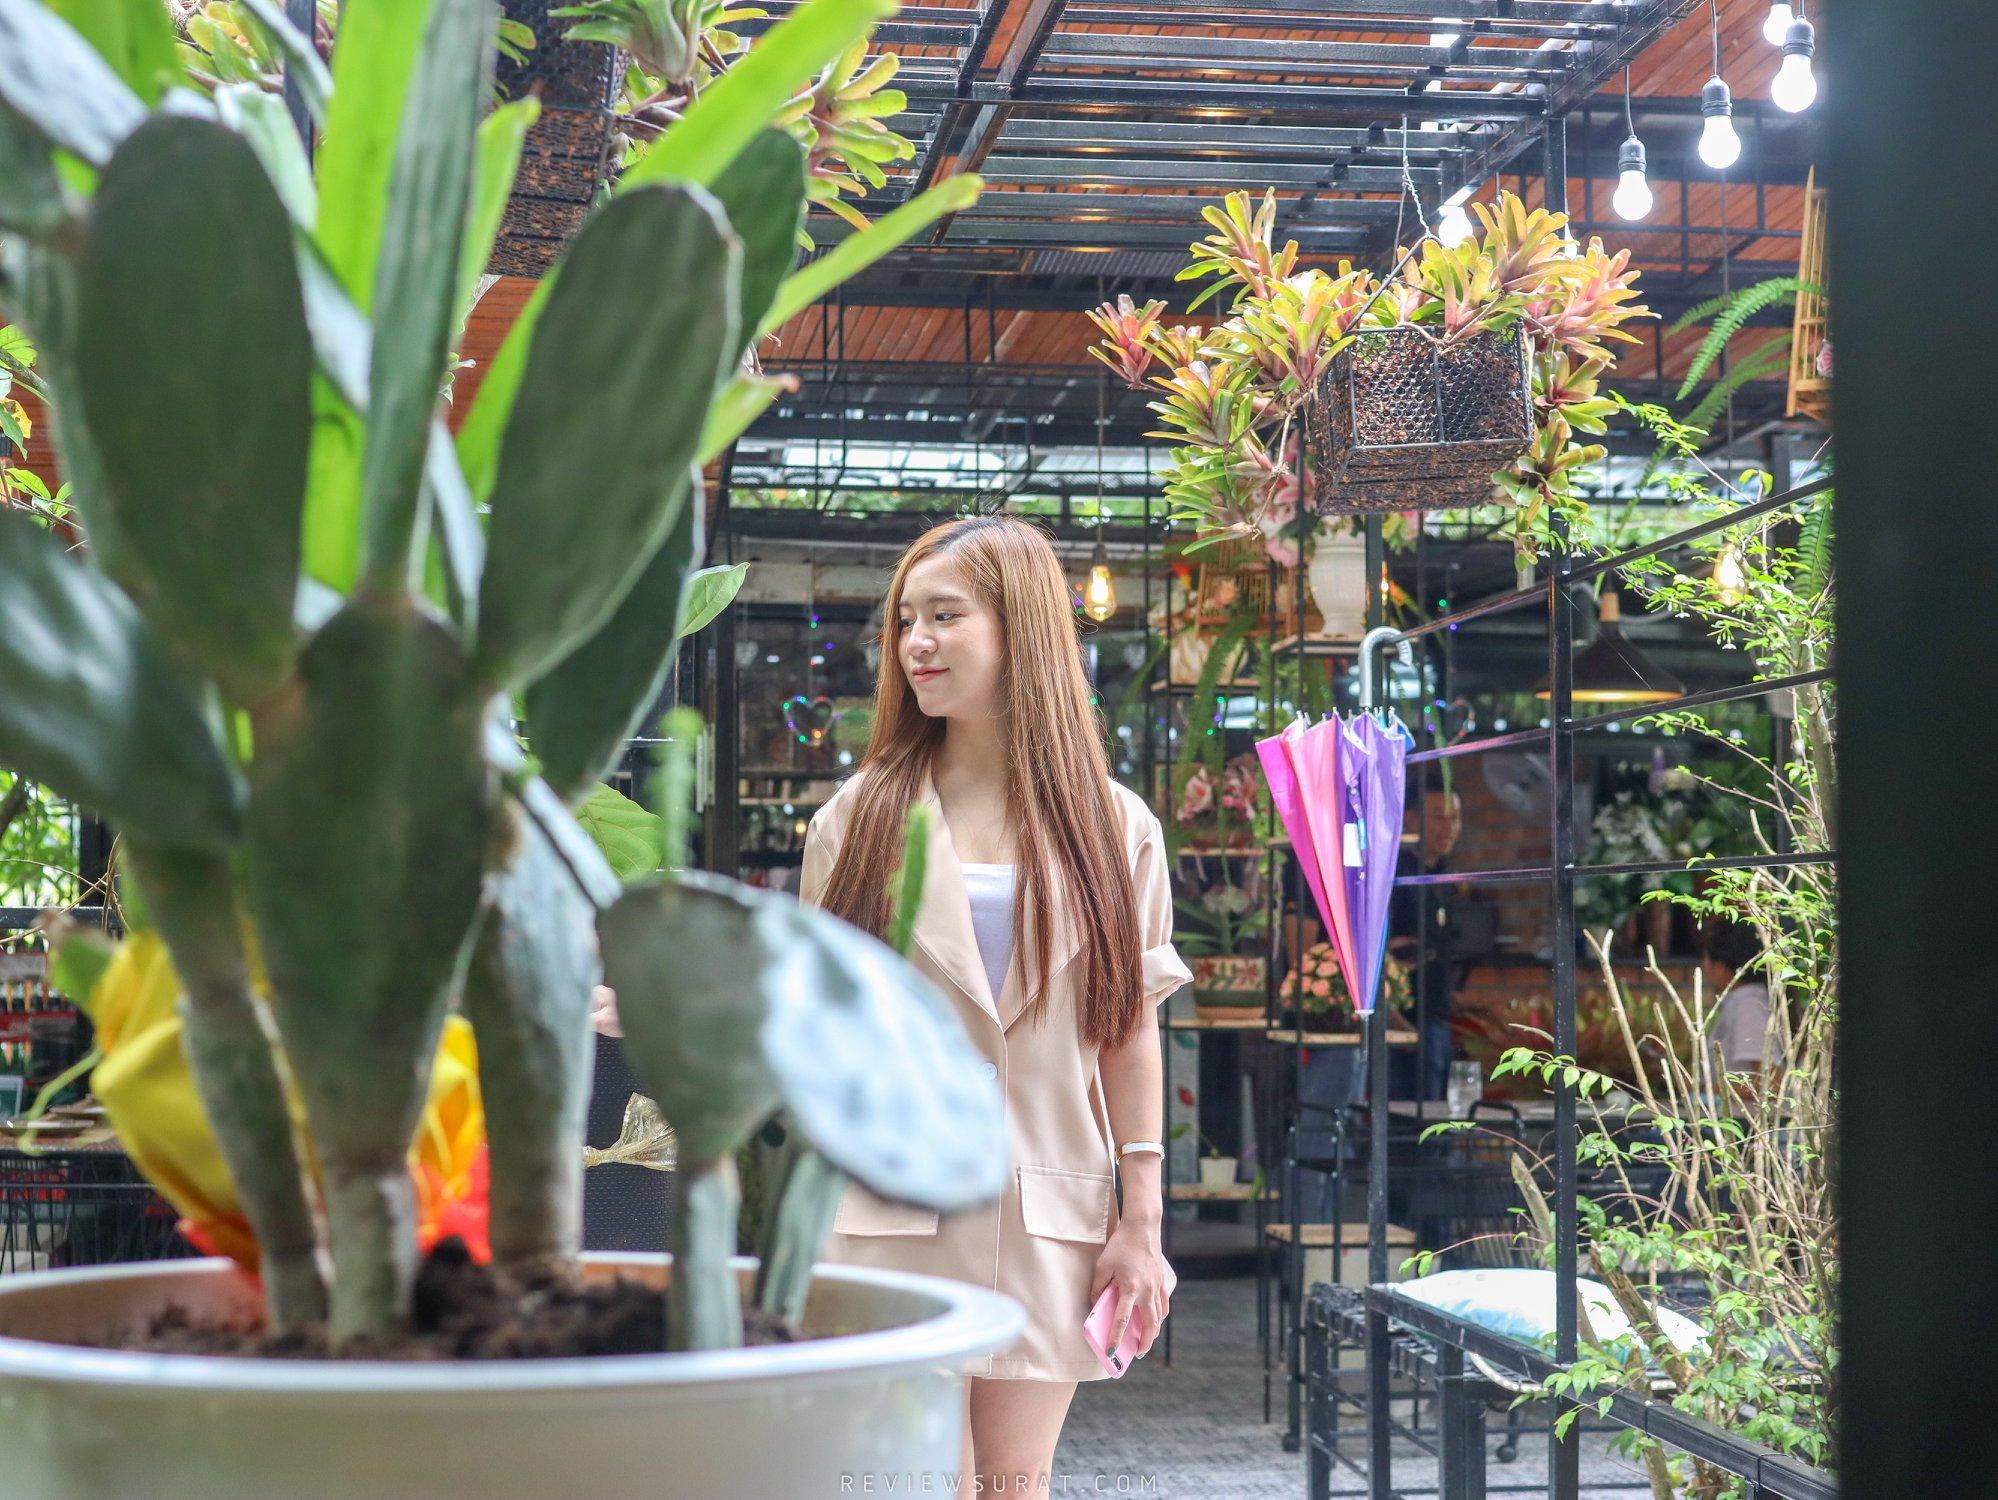 ร้านน่ารักกก  จุดเช็คอิน,นครศรี,คาเฟ่,กลางป่า,กลางเมือง